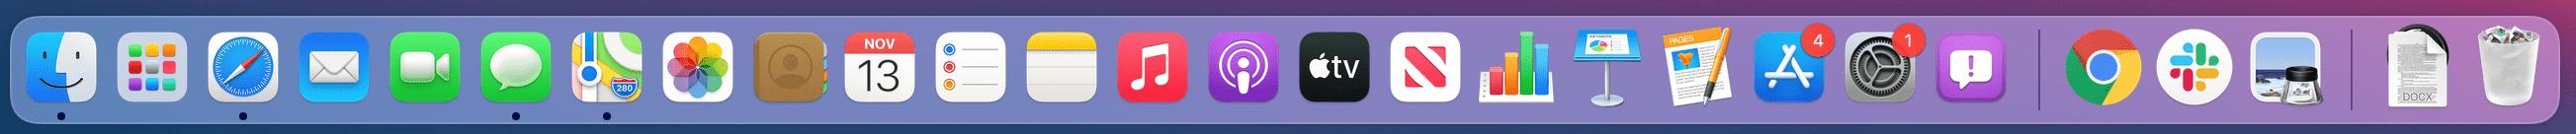 Đánh giá hệ điều hành Apple MacOS 11 Big Sur – mở ra một kỷ nguyên mới về phần mềm cho máy tính Mac